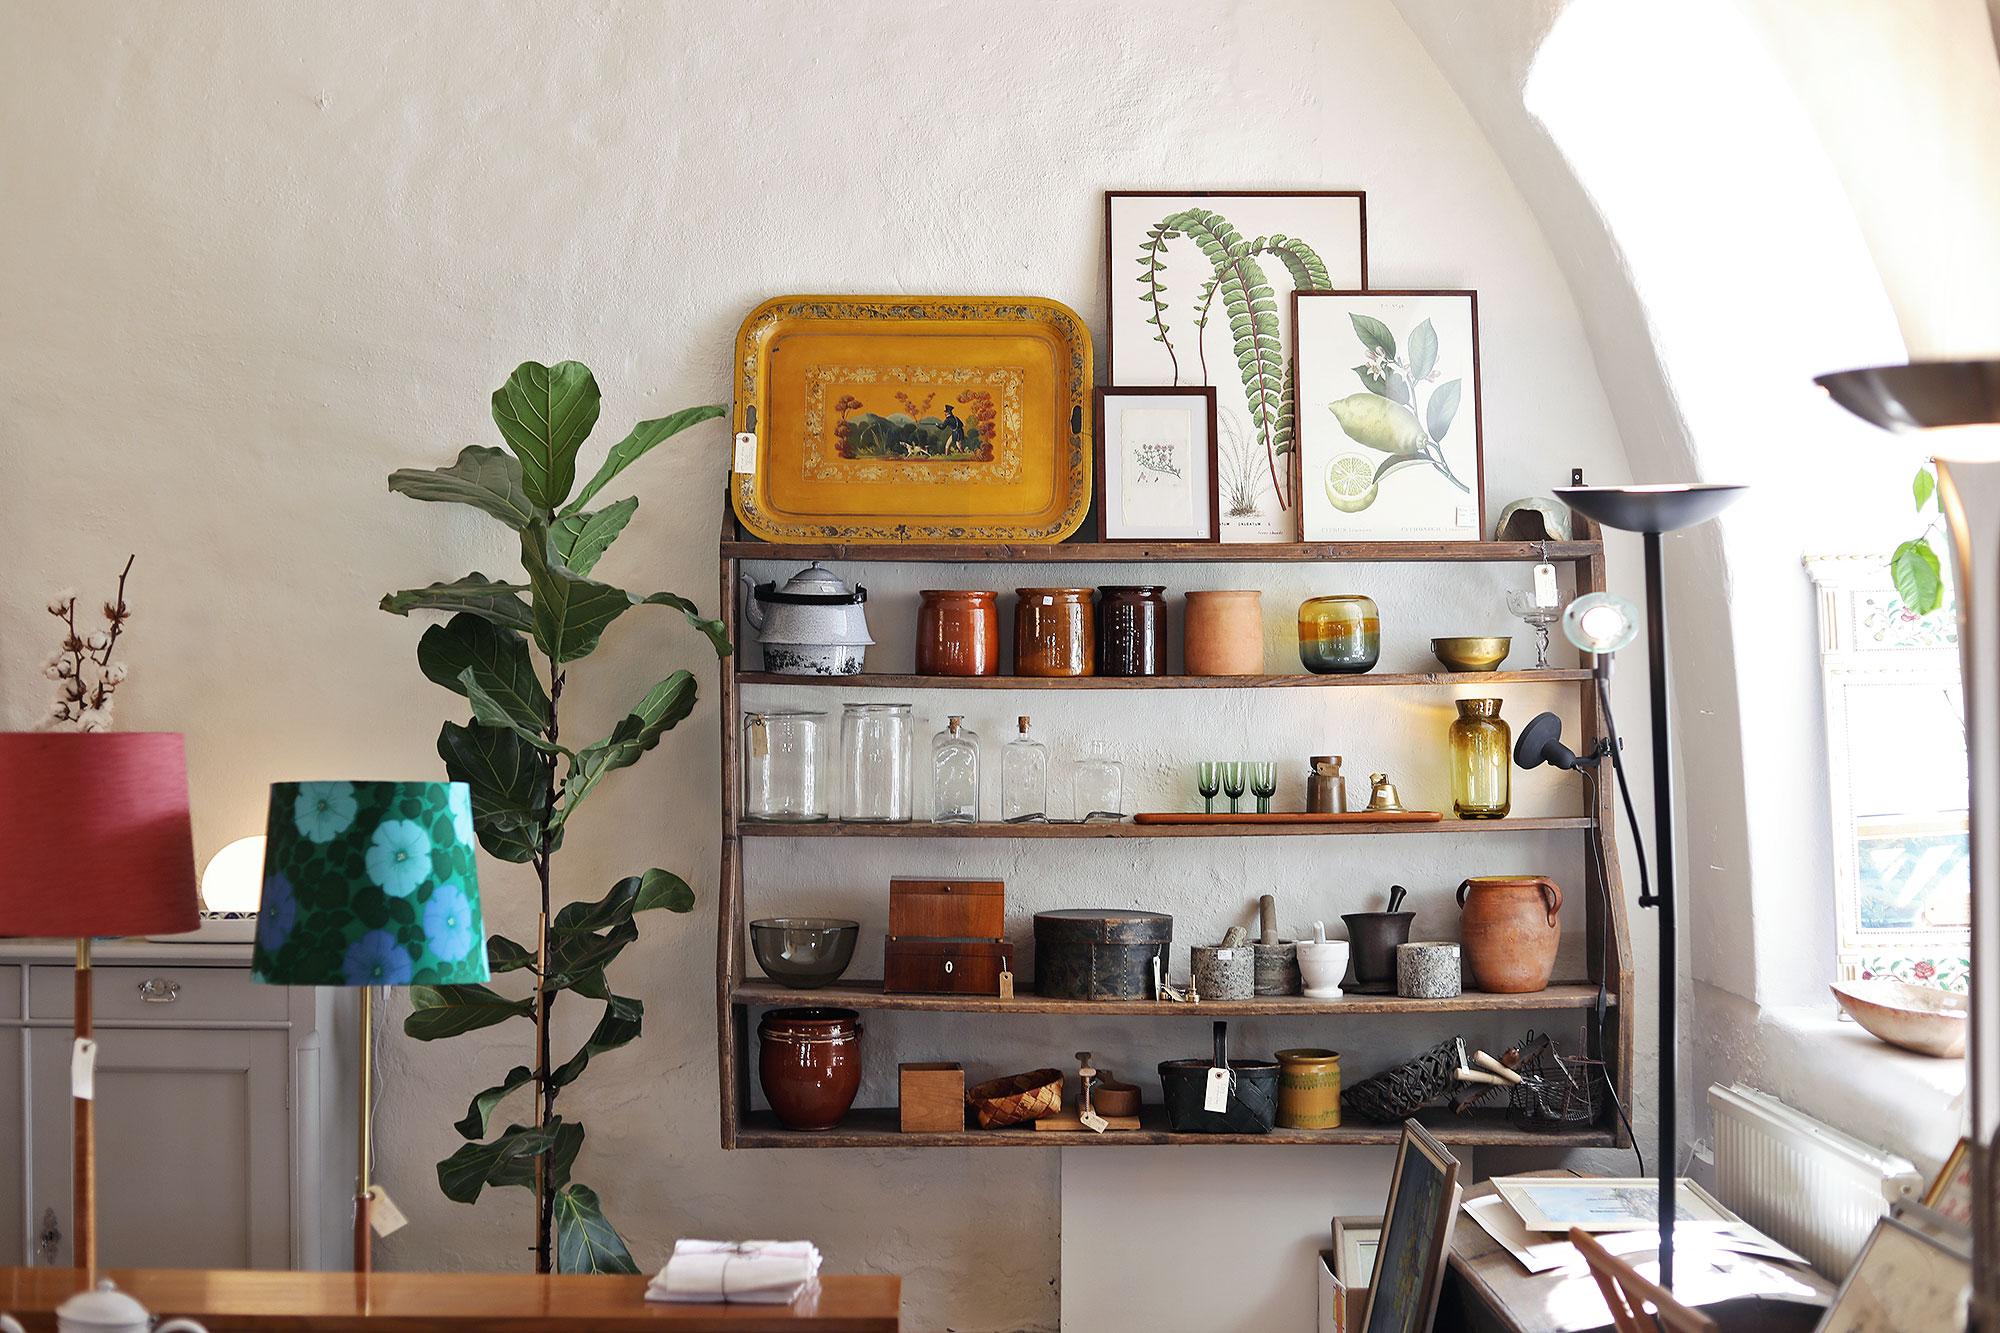 visby gotland akantus vintage inredning tavlor